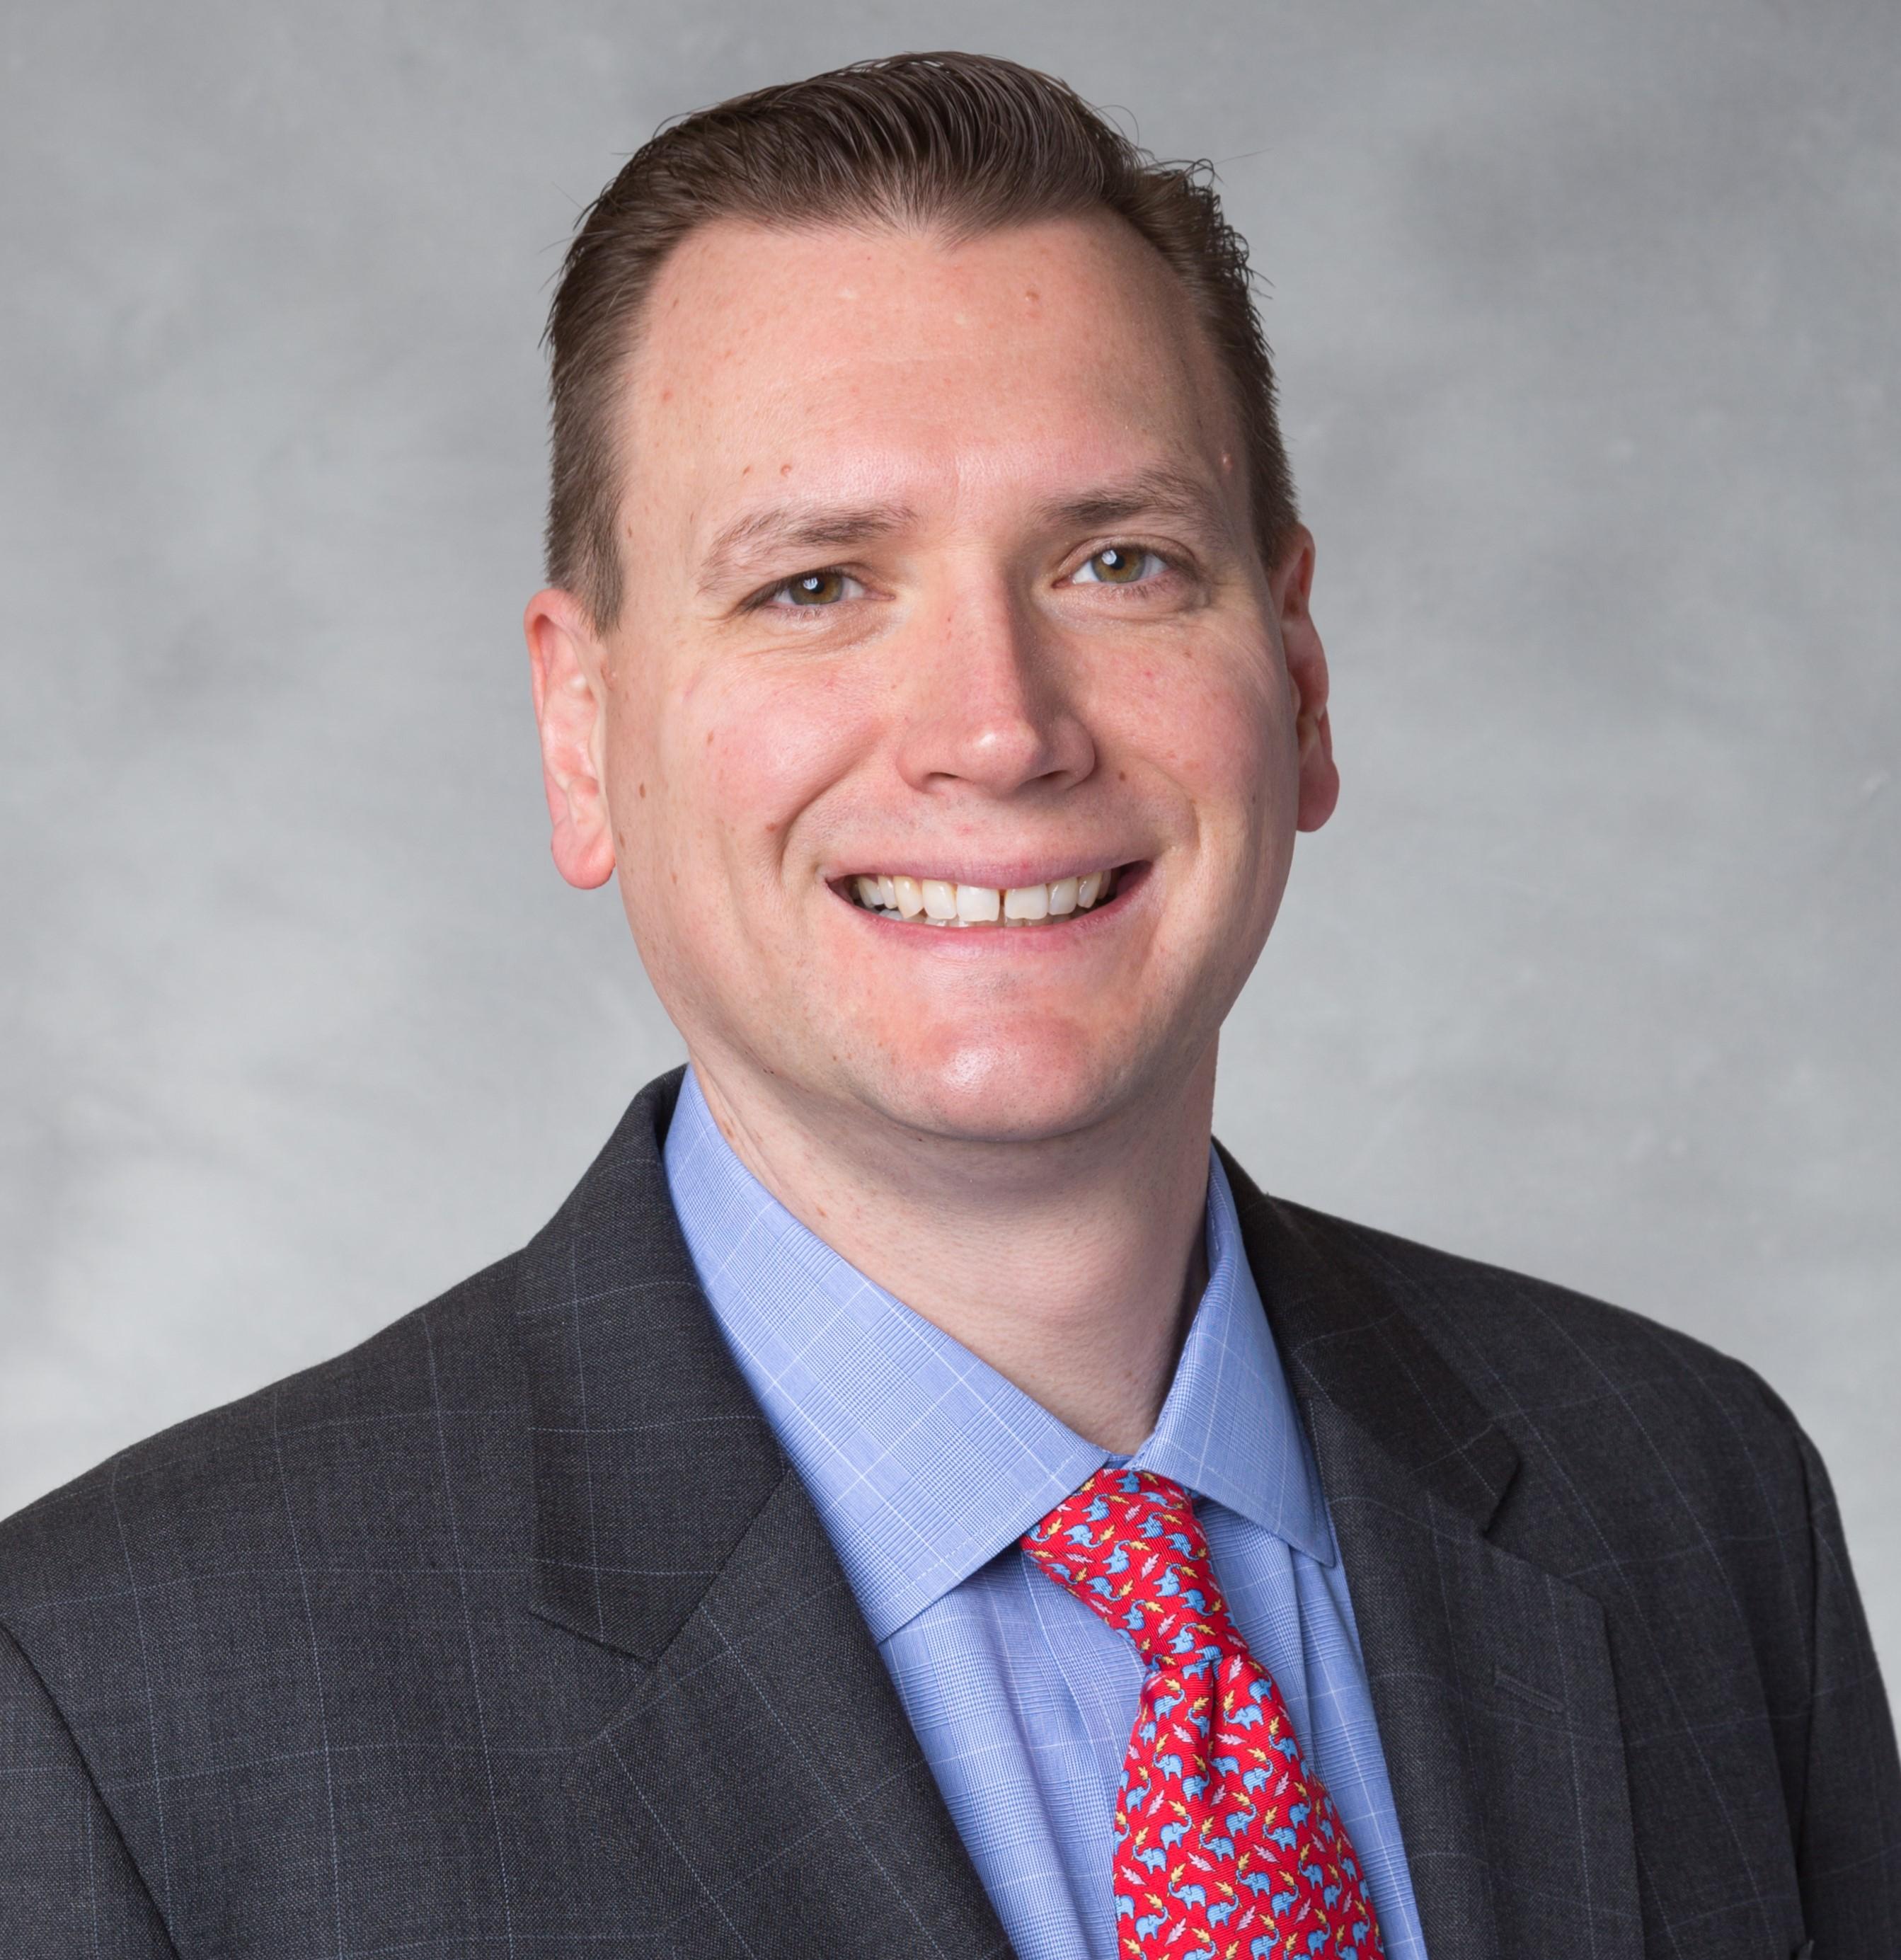 Derek Spychalski